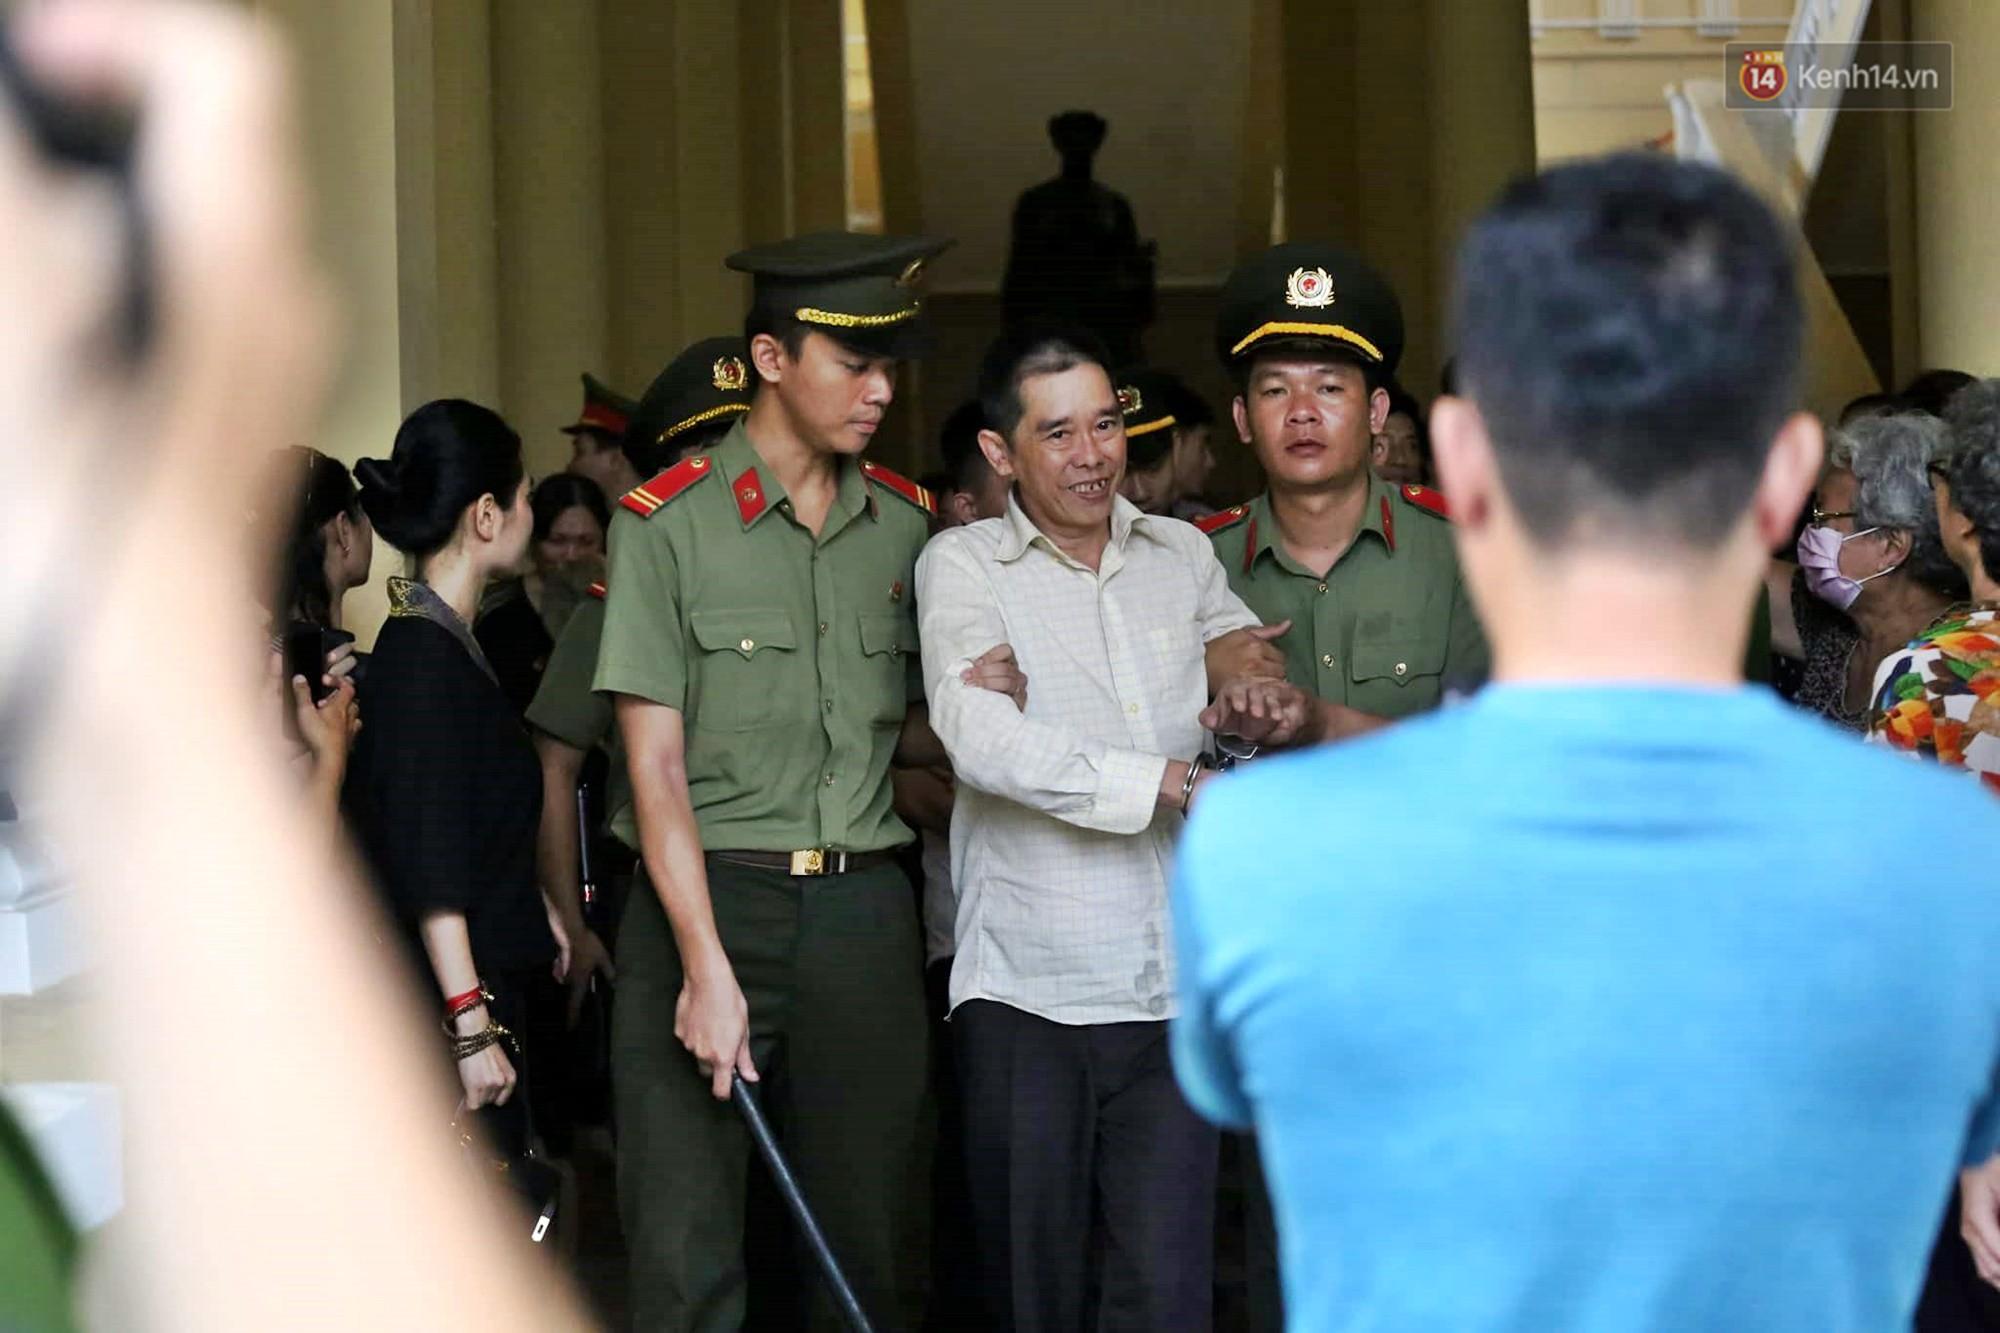 Ông trùm Văn Kính Dương vẫn cười dù bị đề nghị tử hình, hotgirl Ngọc Miu bật khóc khi VKS đưa mức án 20 năm tù - Ảnh 20.